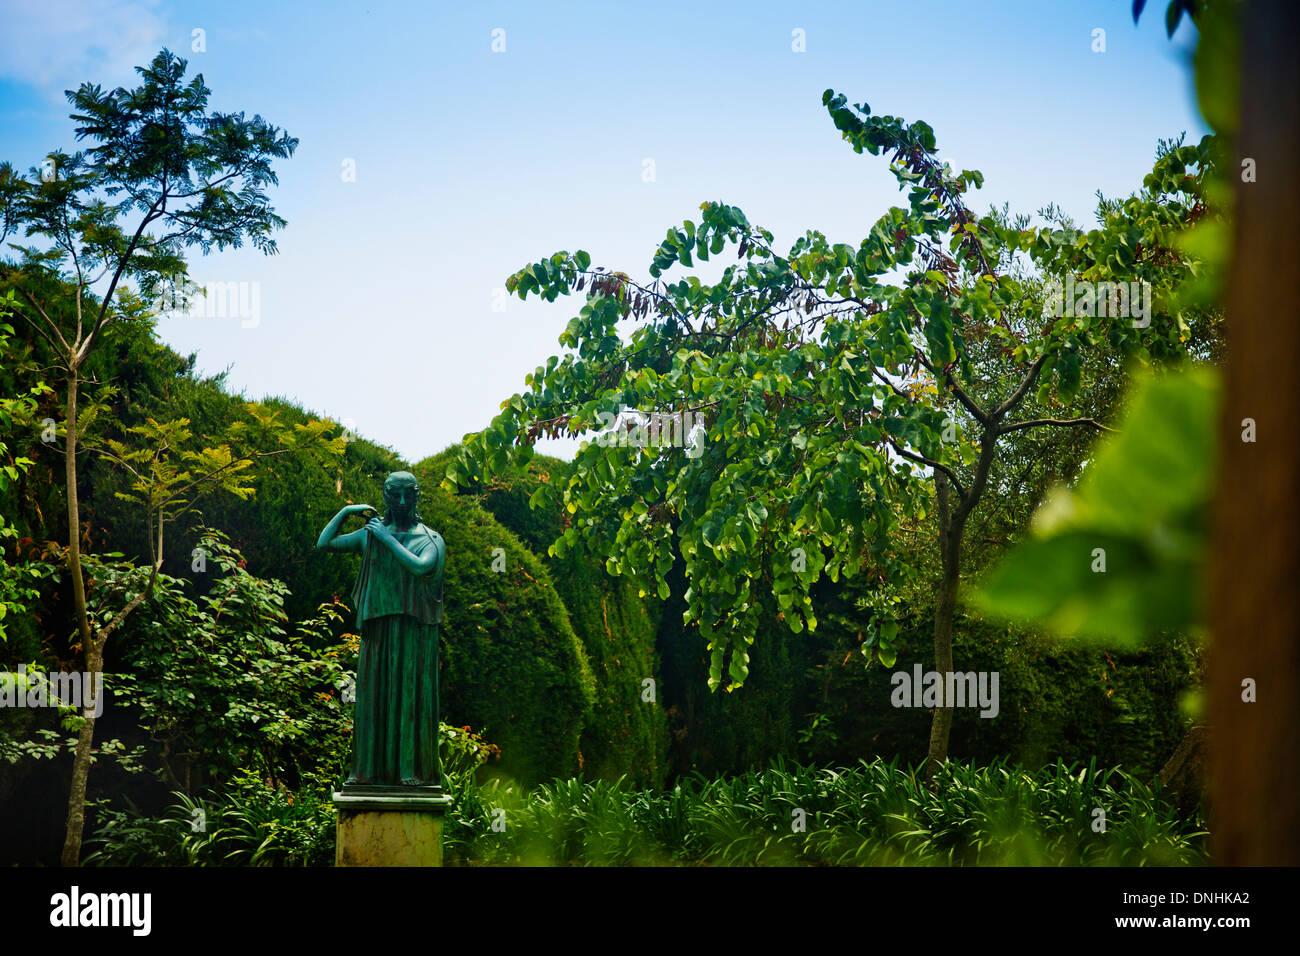 Statue dans le jardin, la Villa Cimbrone, Ravello, Province de Salerne, Campanie, Italie Banque D'Images